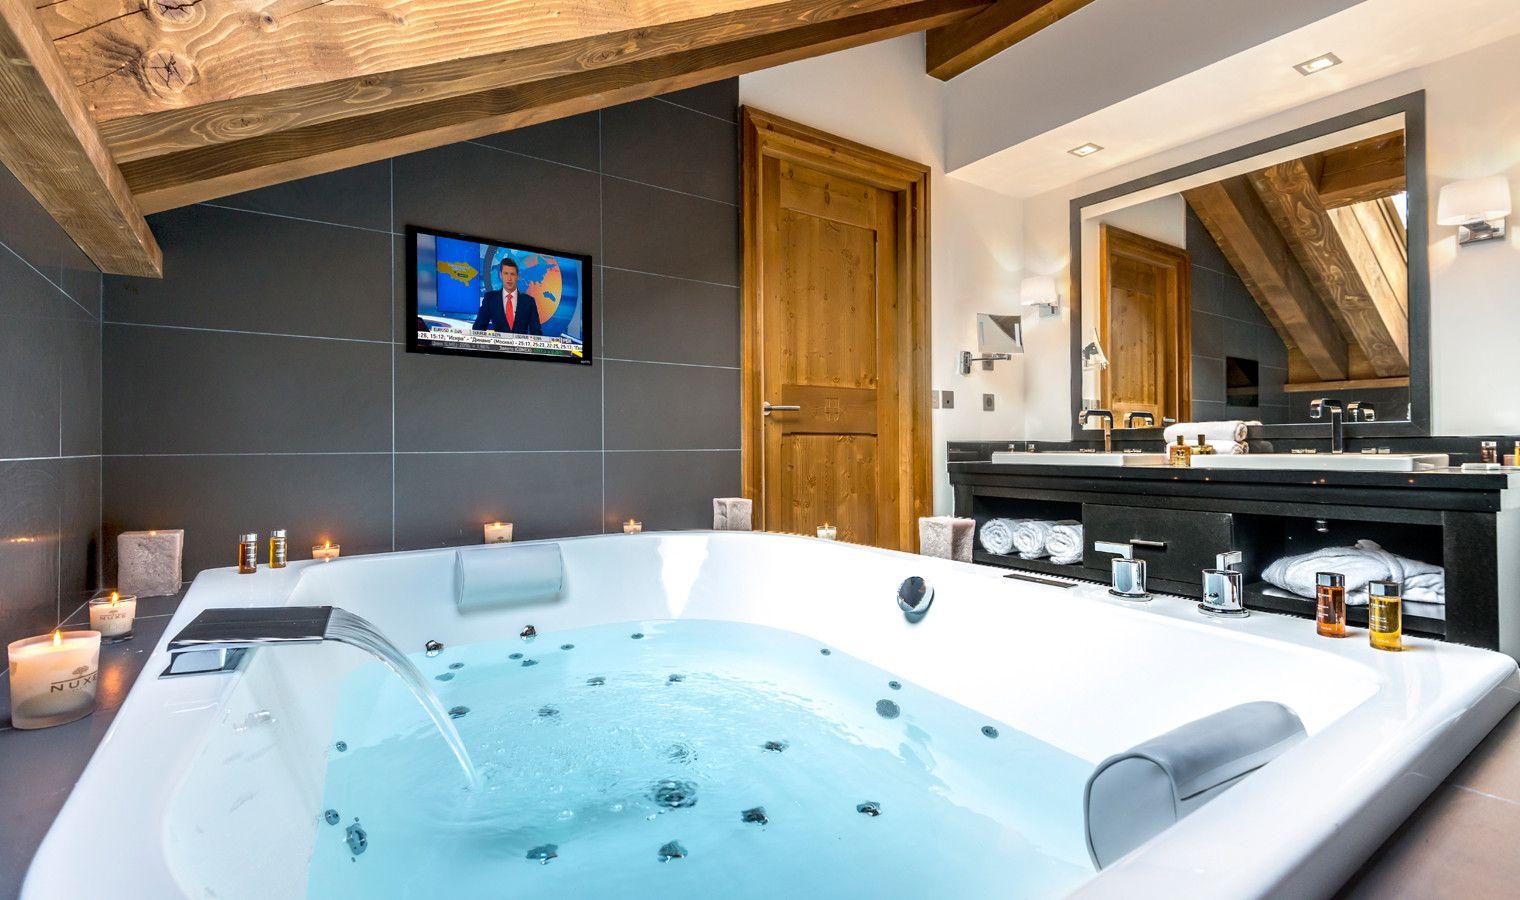 Salle de bain avec Jacuzzi - Suite Prestige Hôtel Le Kaila, Méribel ...